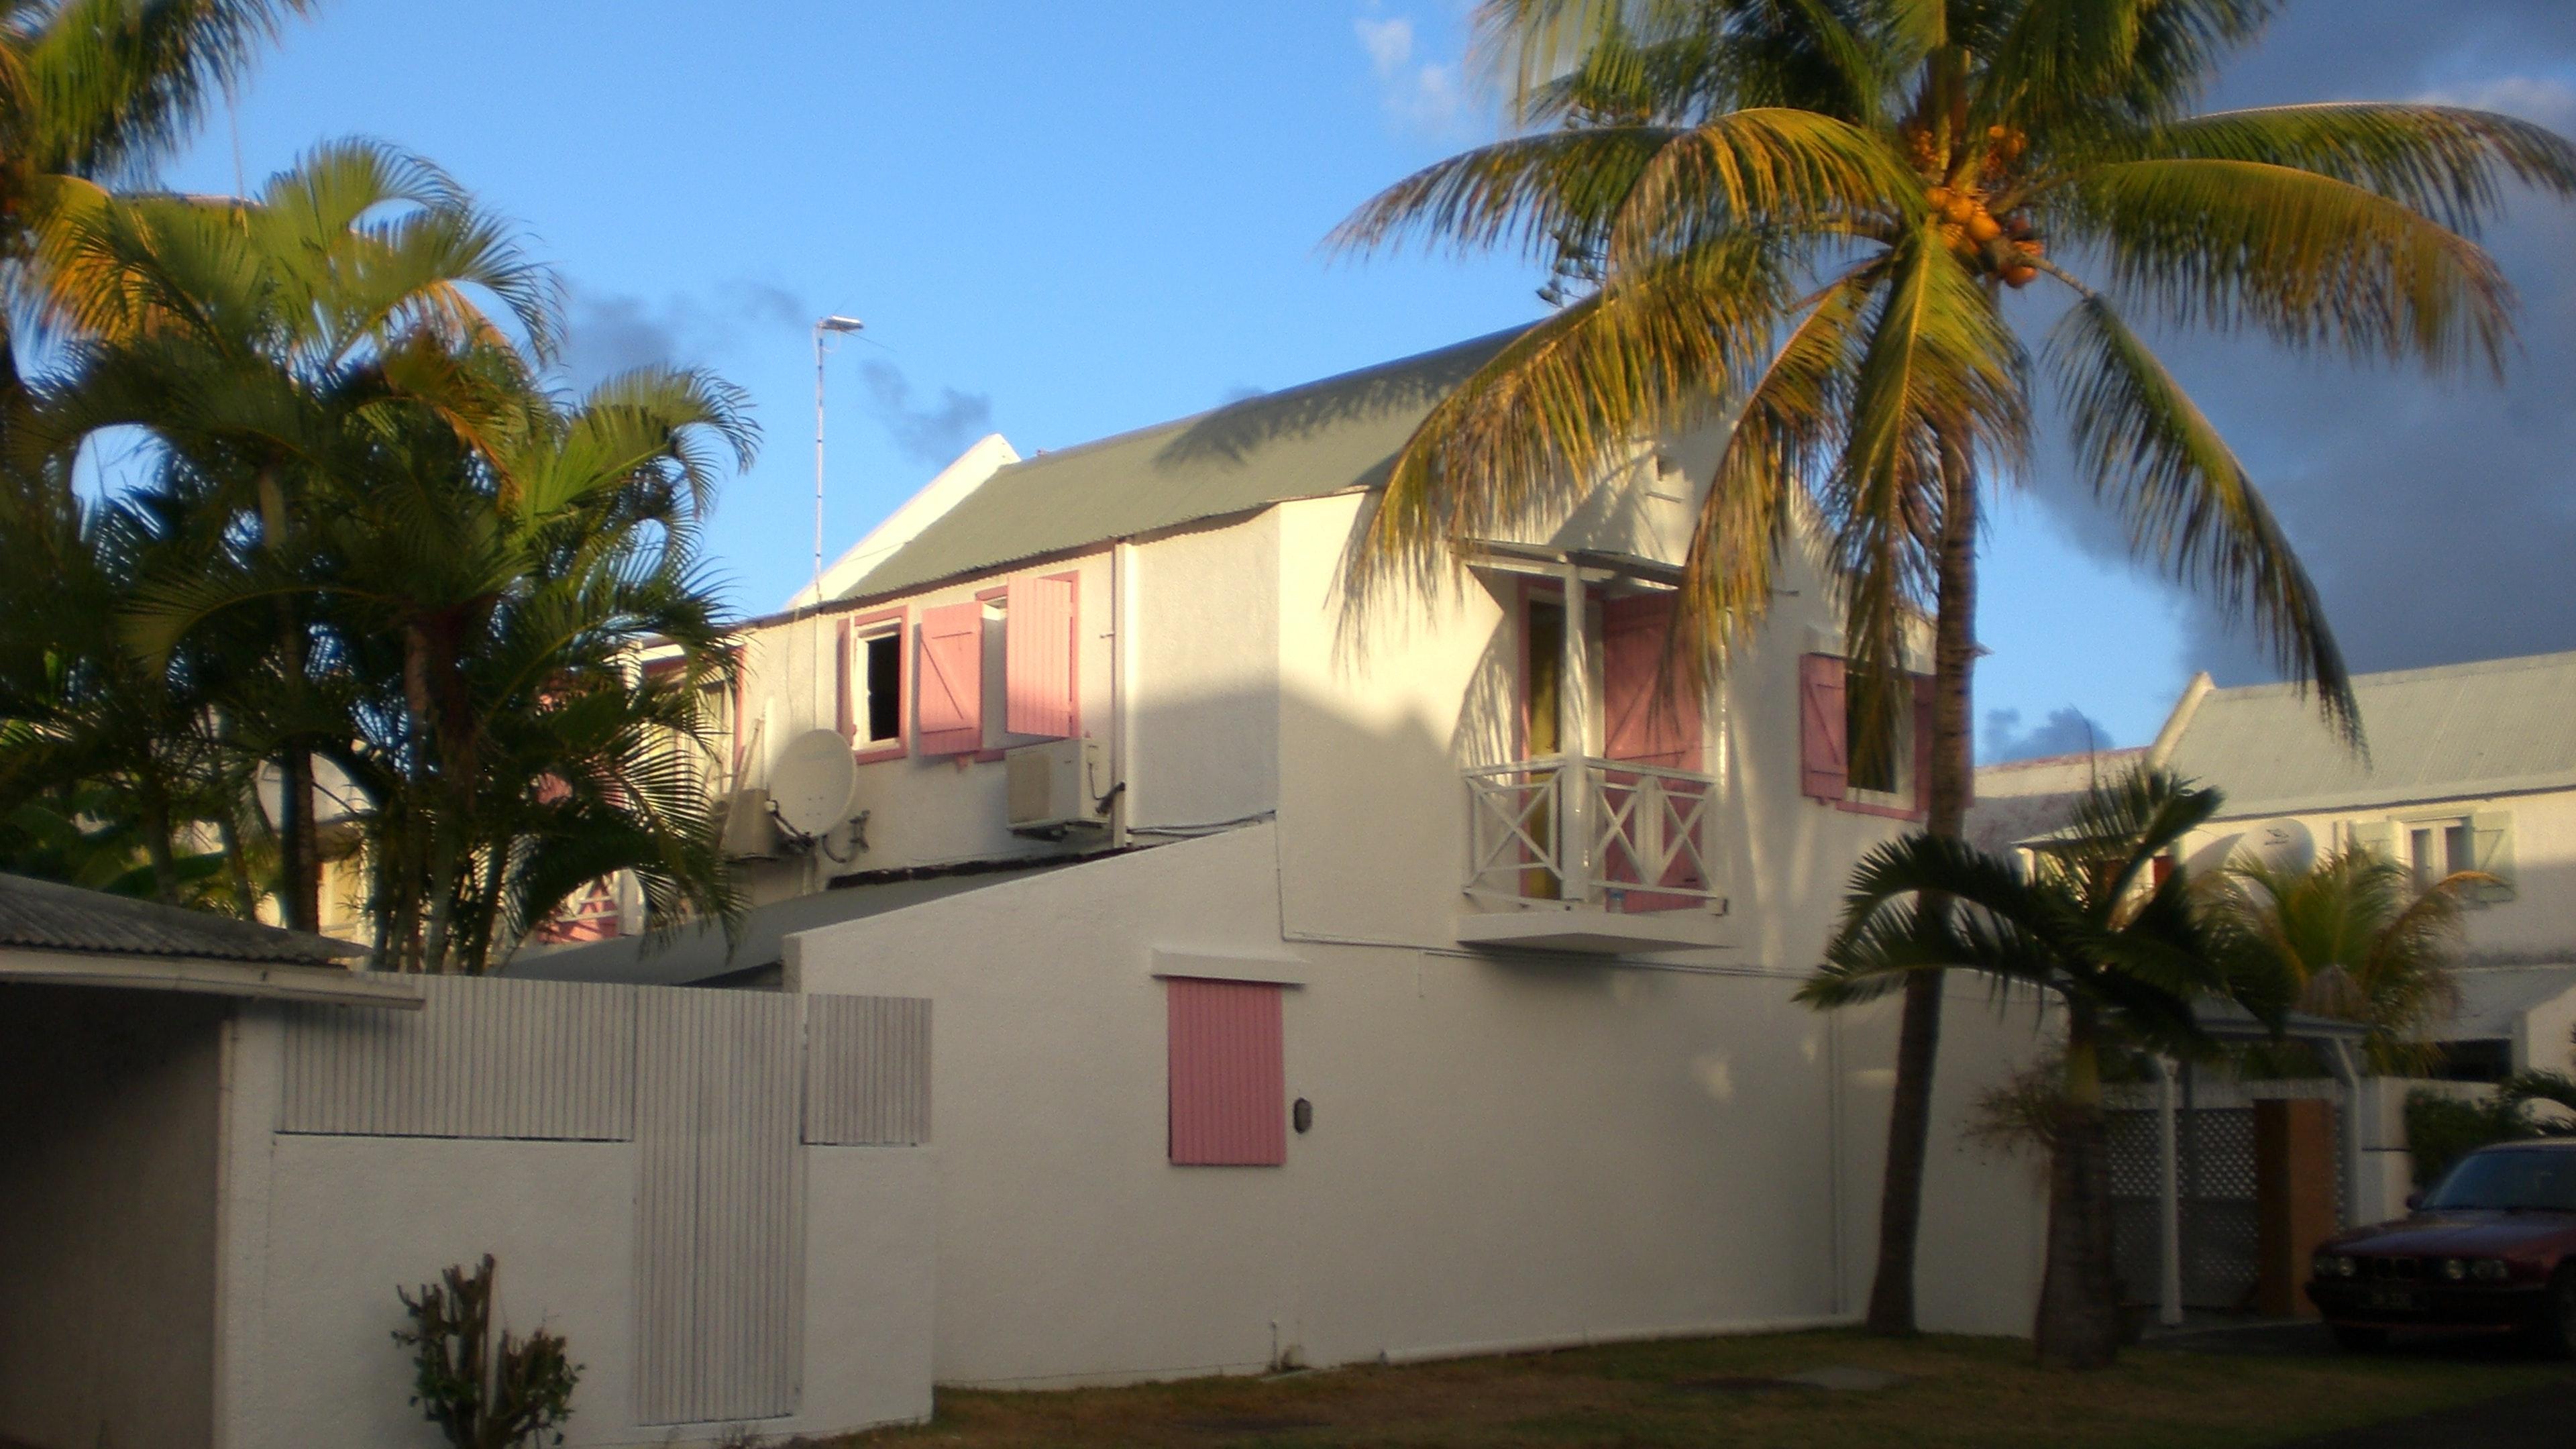 Haus mit 3 Schlafzimmern in Grand Baie mit Pool, e Ferienhaus auf Mauritius